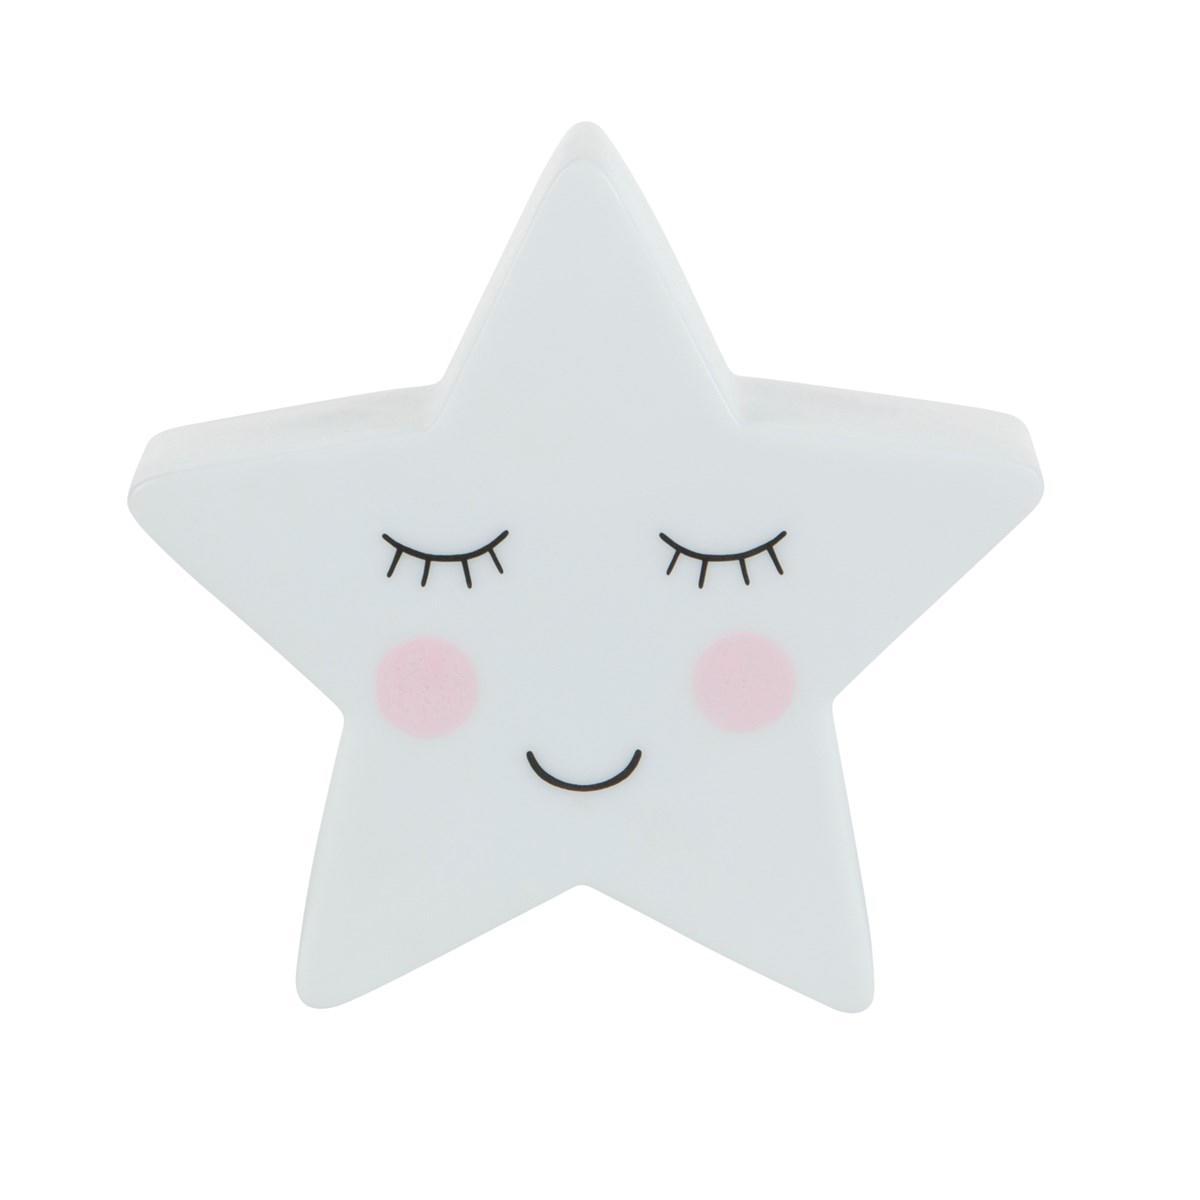 sass & belle Dětská noční LED lampička Star, bílá barva, plast